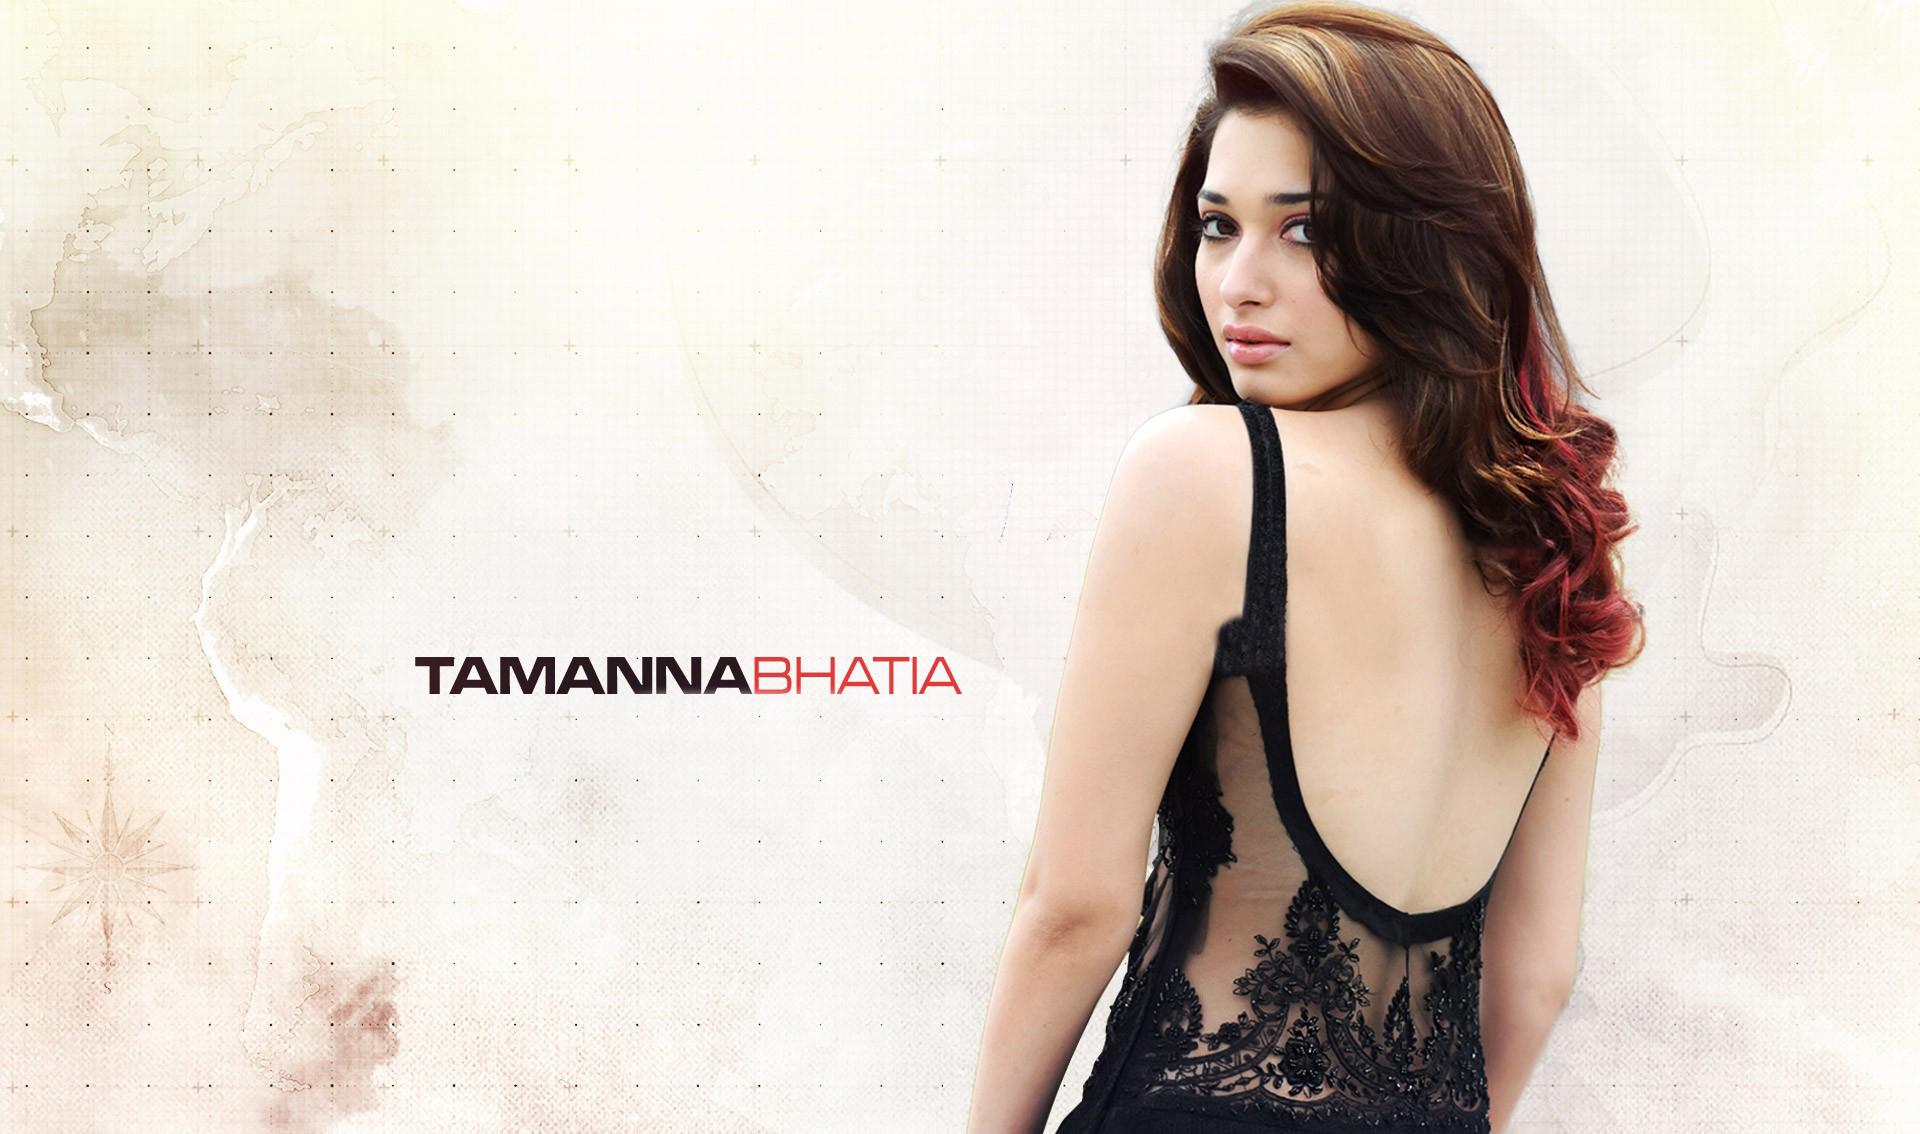 Tamanna Bhatia Wallpapers 1080p: Tamanna Bhatia Wallpapers, Pictures, Images